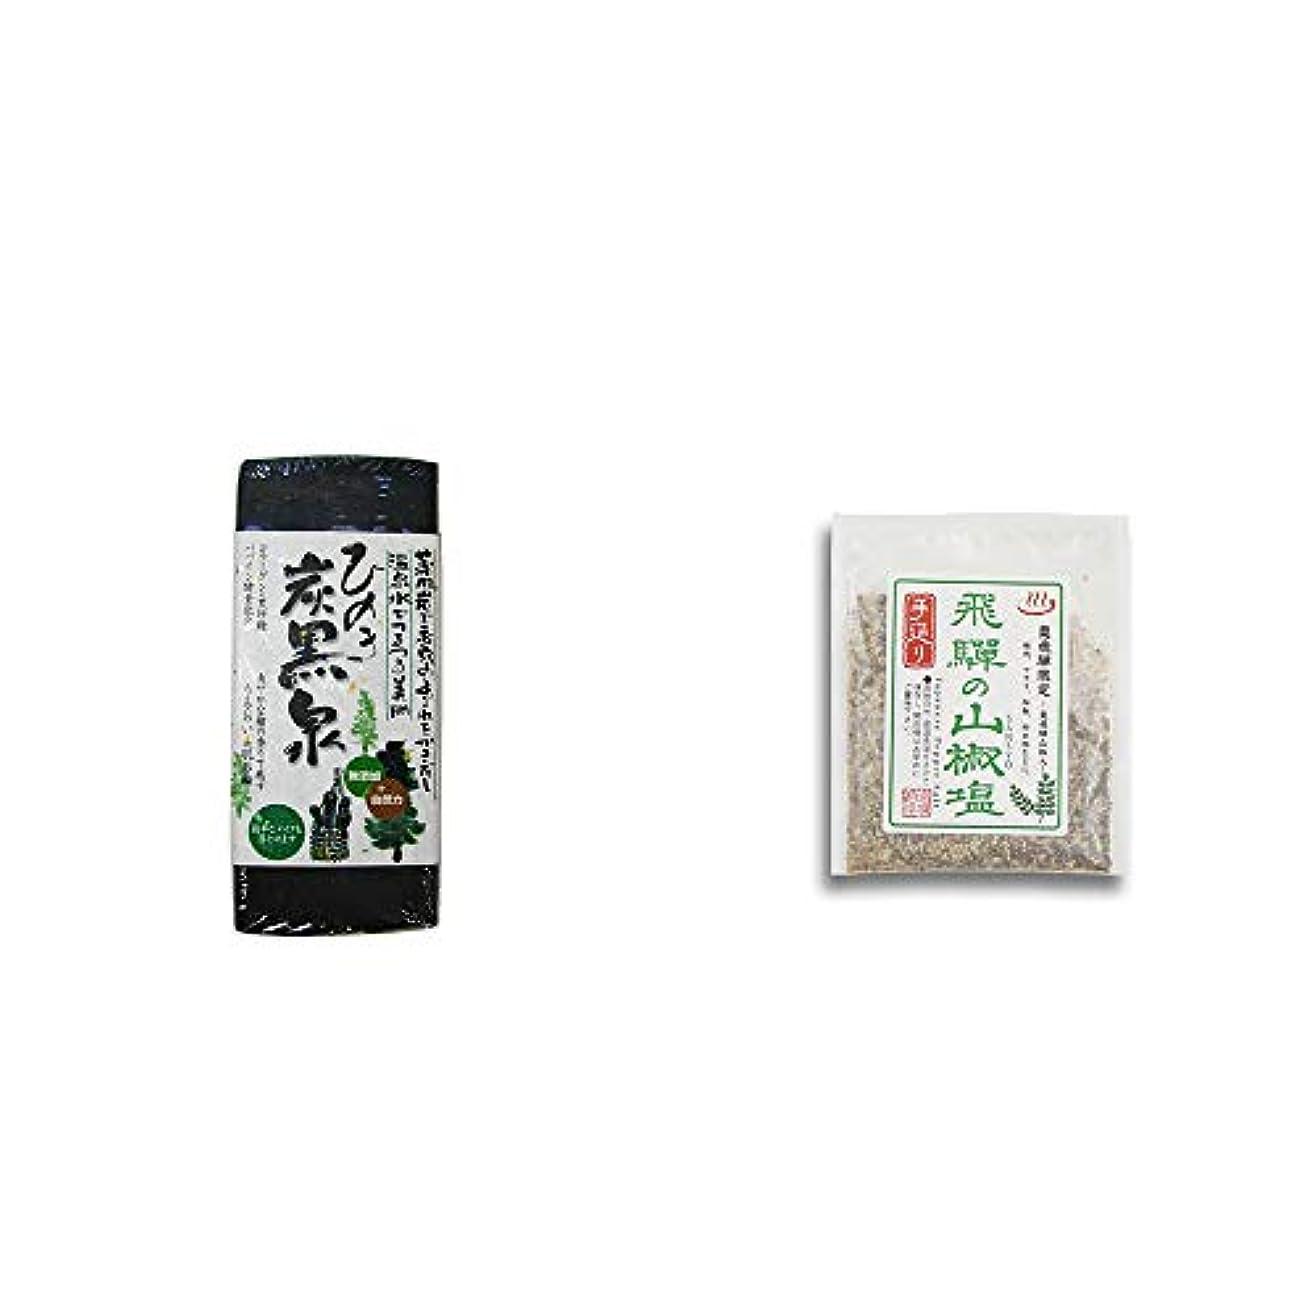 ぐったり弾薬疲労[2点セット] ひのき炭黒泉(75g×2)?手造り 飛騨の山椒塩(40g)